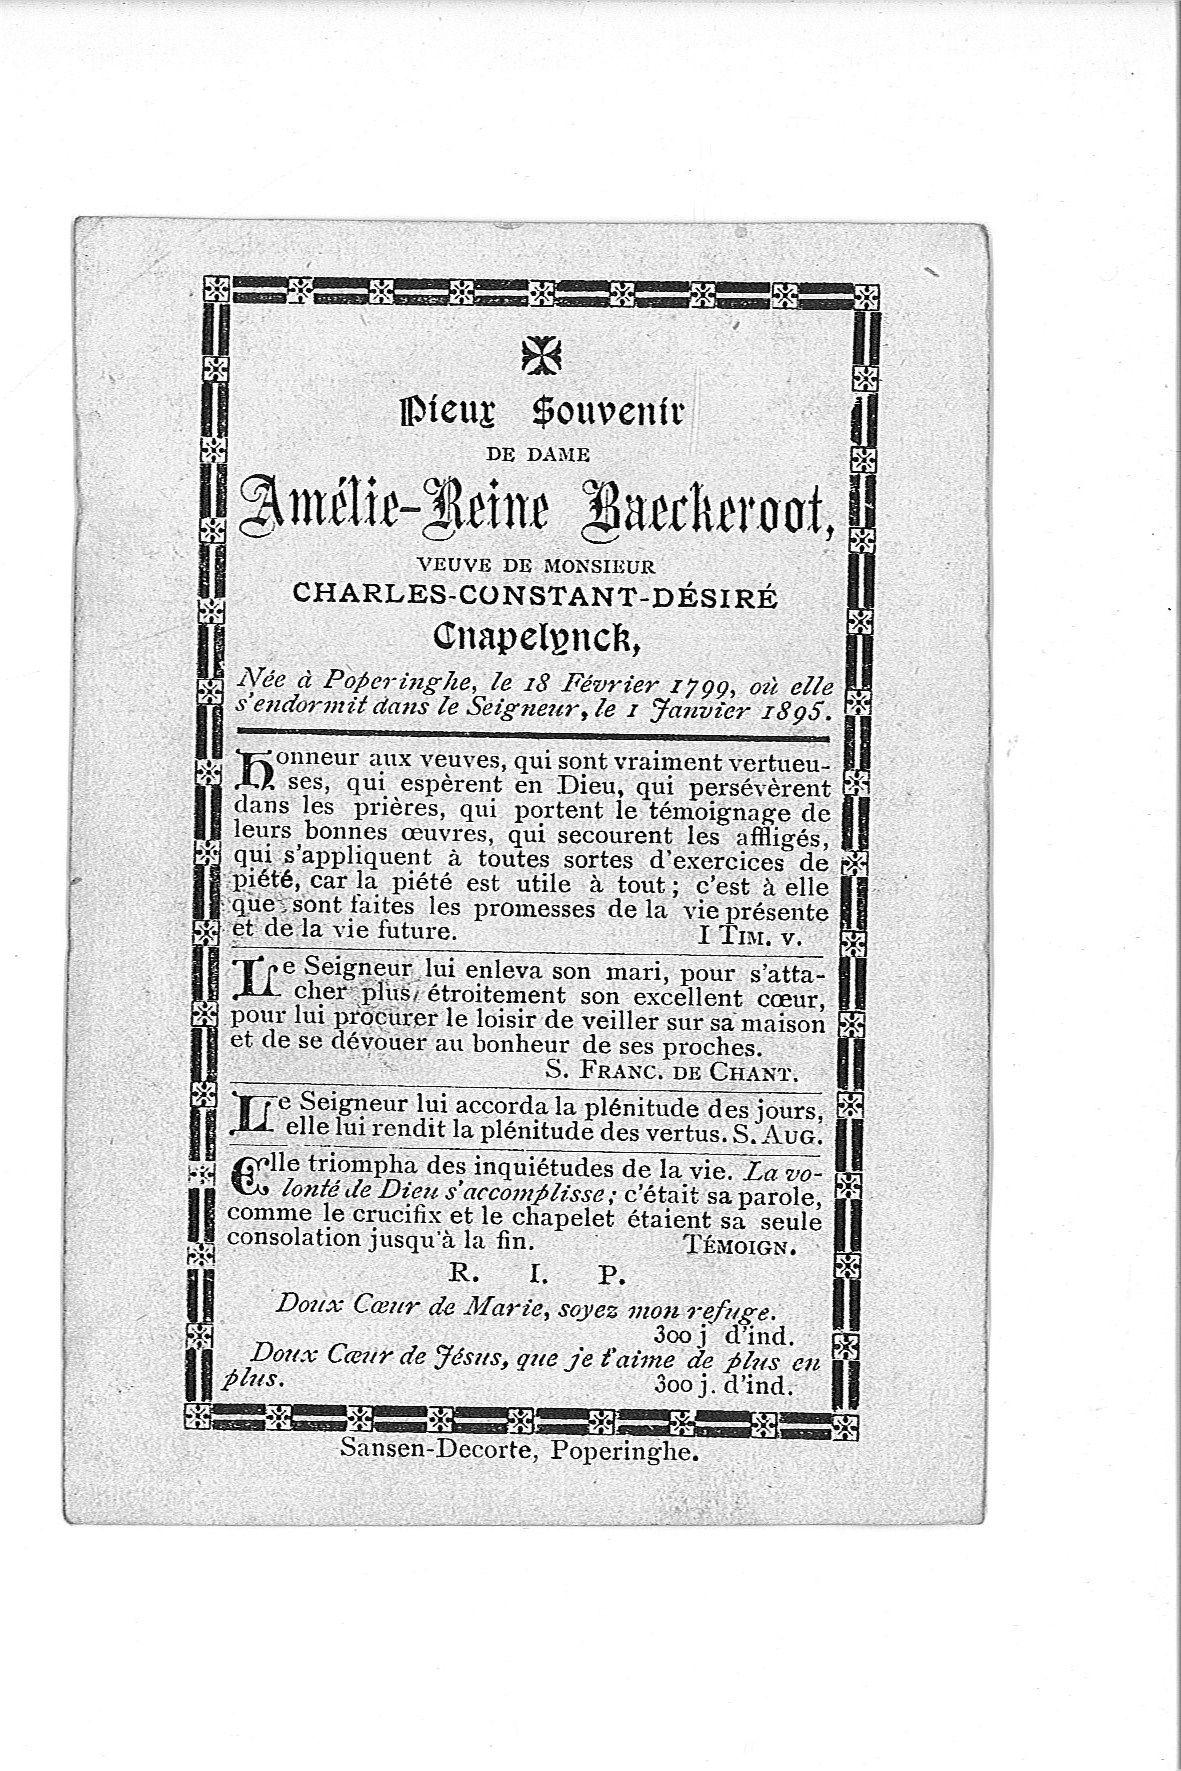 amelie-reine(1895)20090113092314_00057.jpg